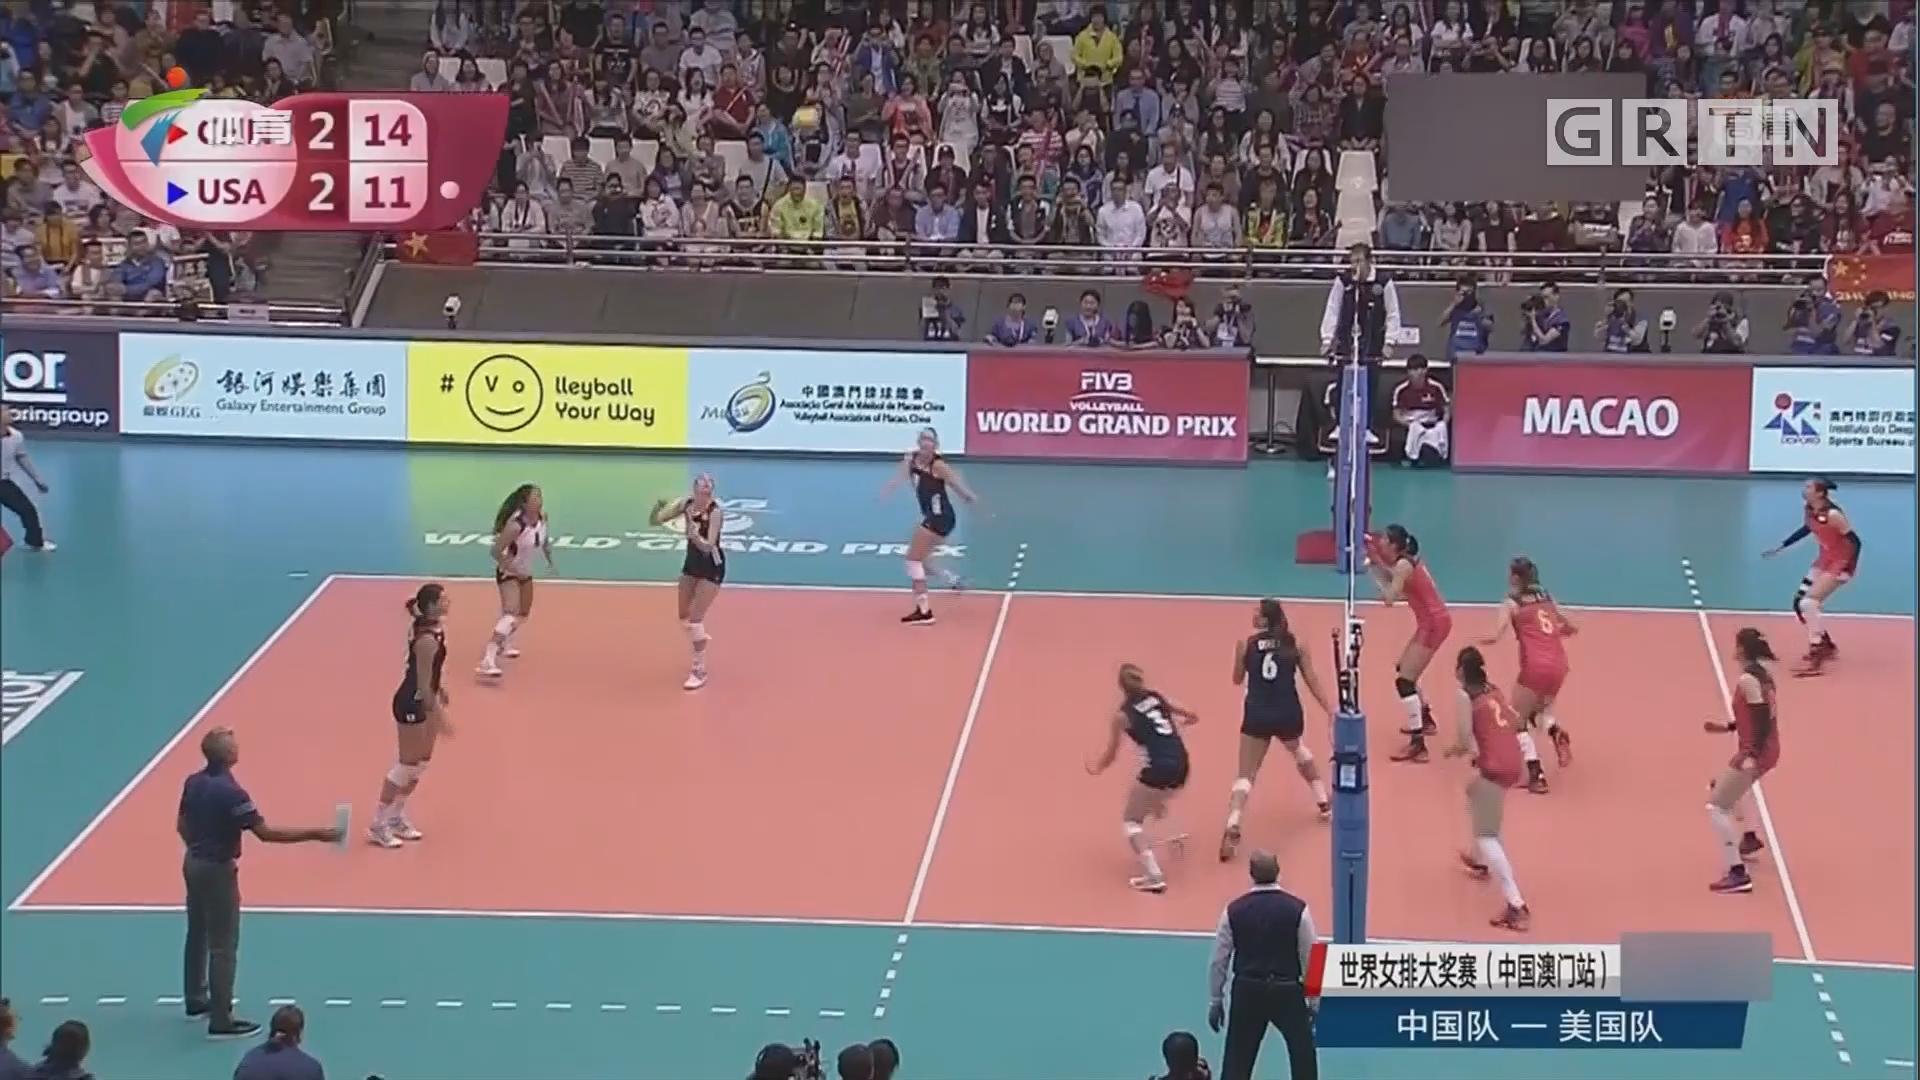 世界女排大奖赛中国澳门站 中国队力克美国队